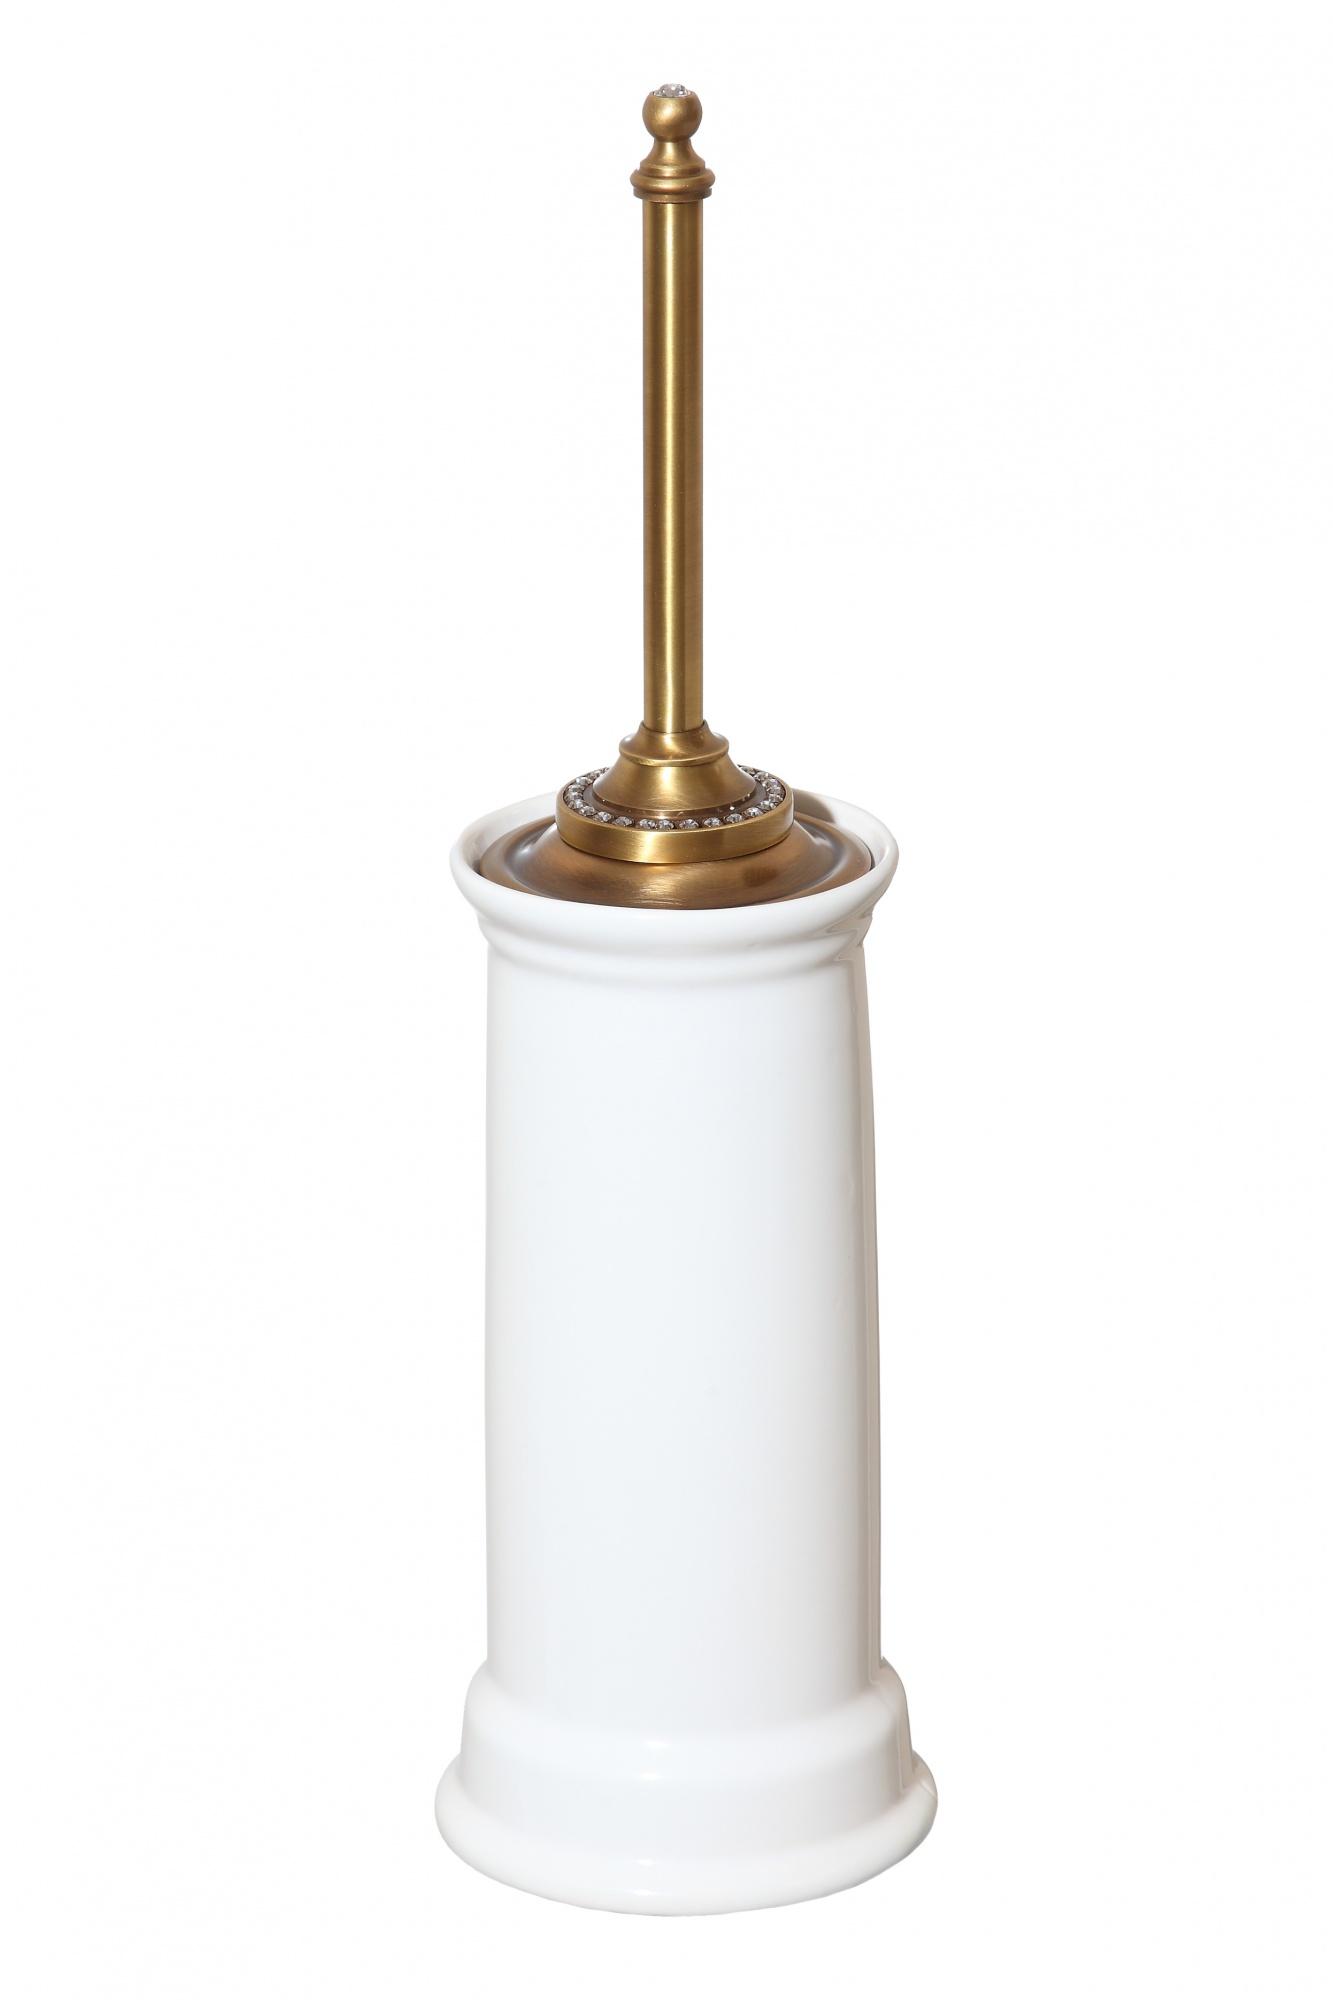 Ерш напольный бронза Cameya сваровски, керамика A1411K